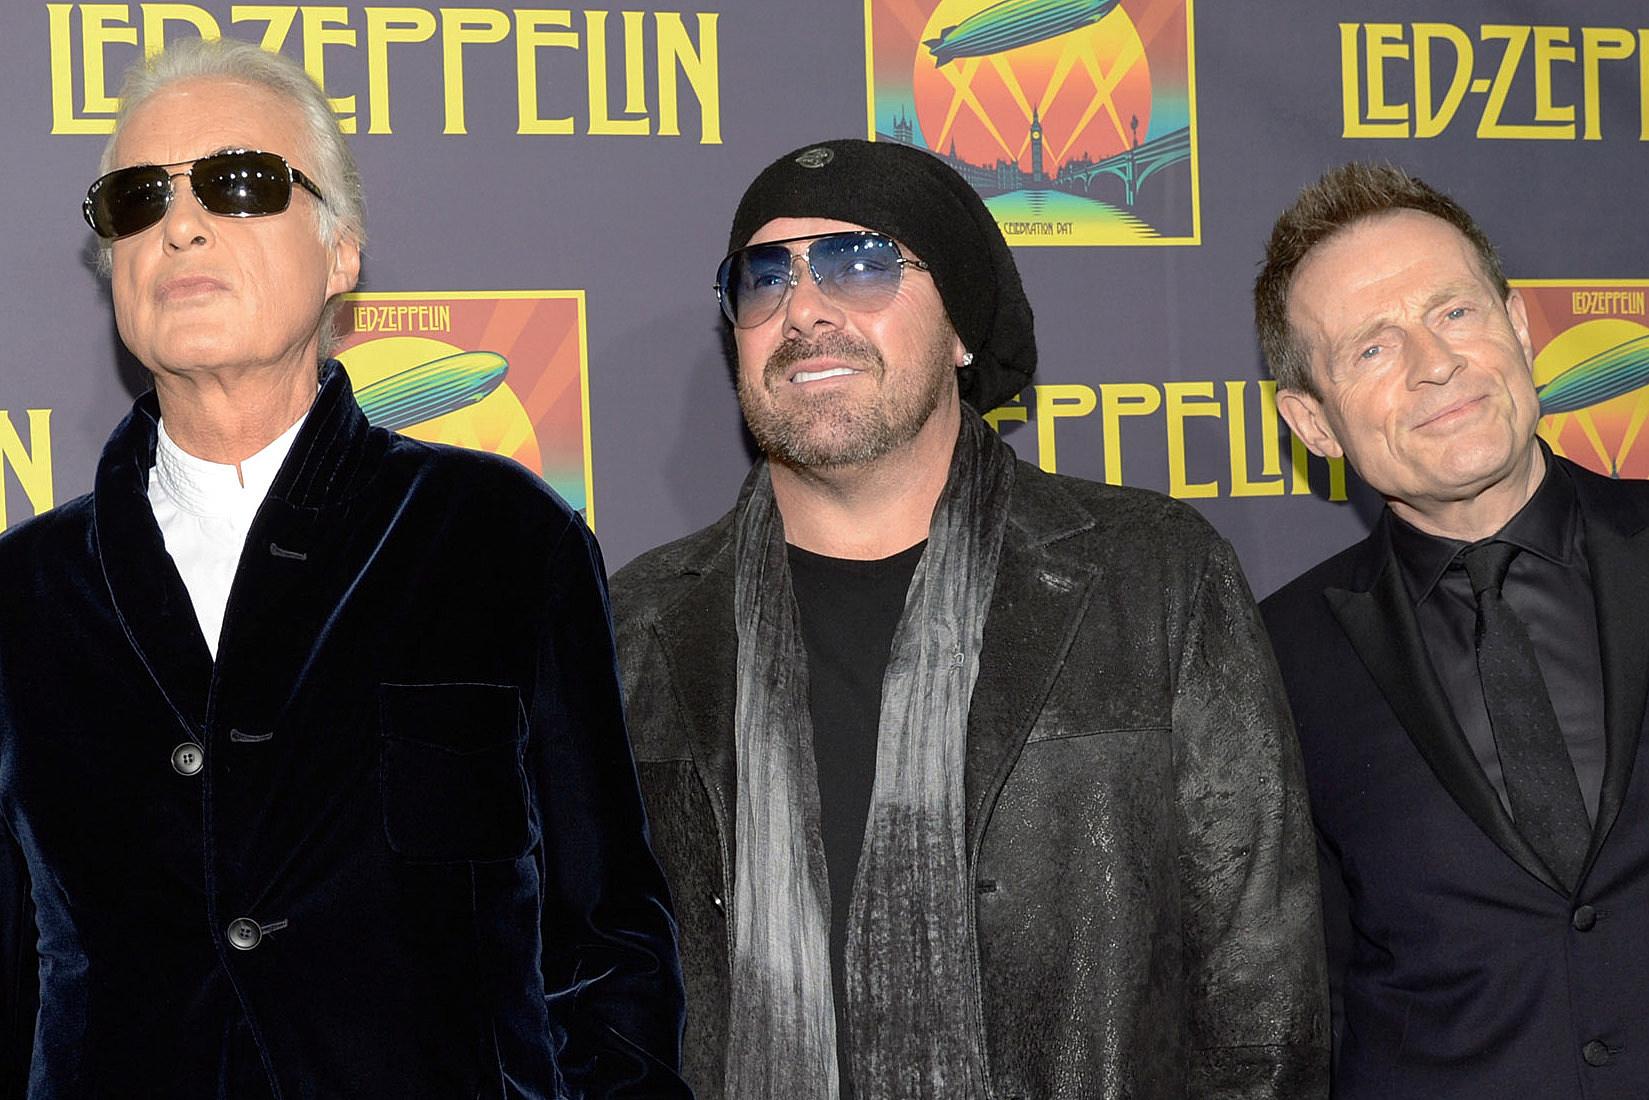 End of Post-Led Zeppelin Band Left Jason Bonham 'More Devastated'